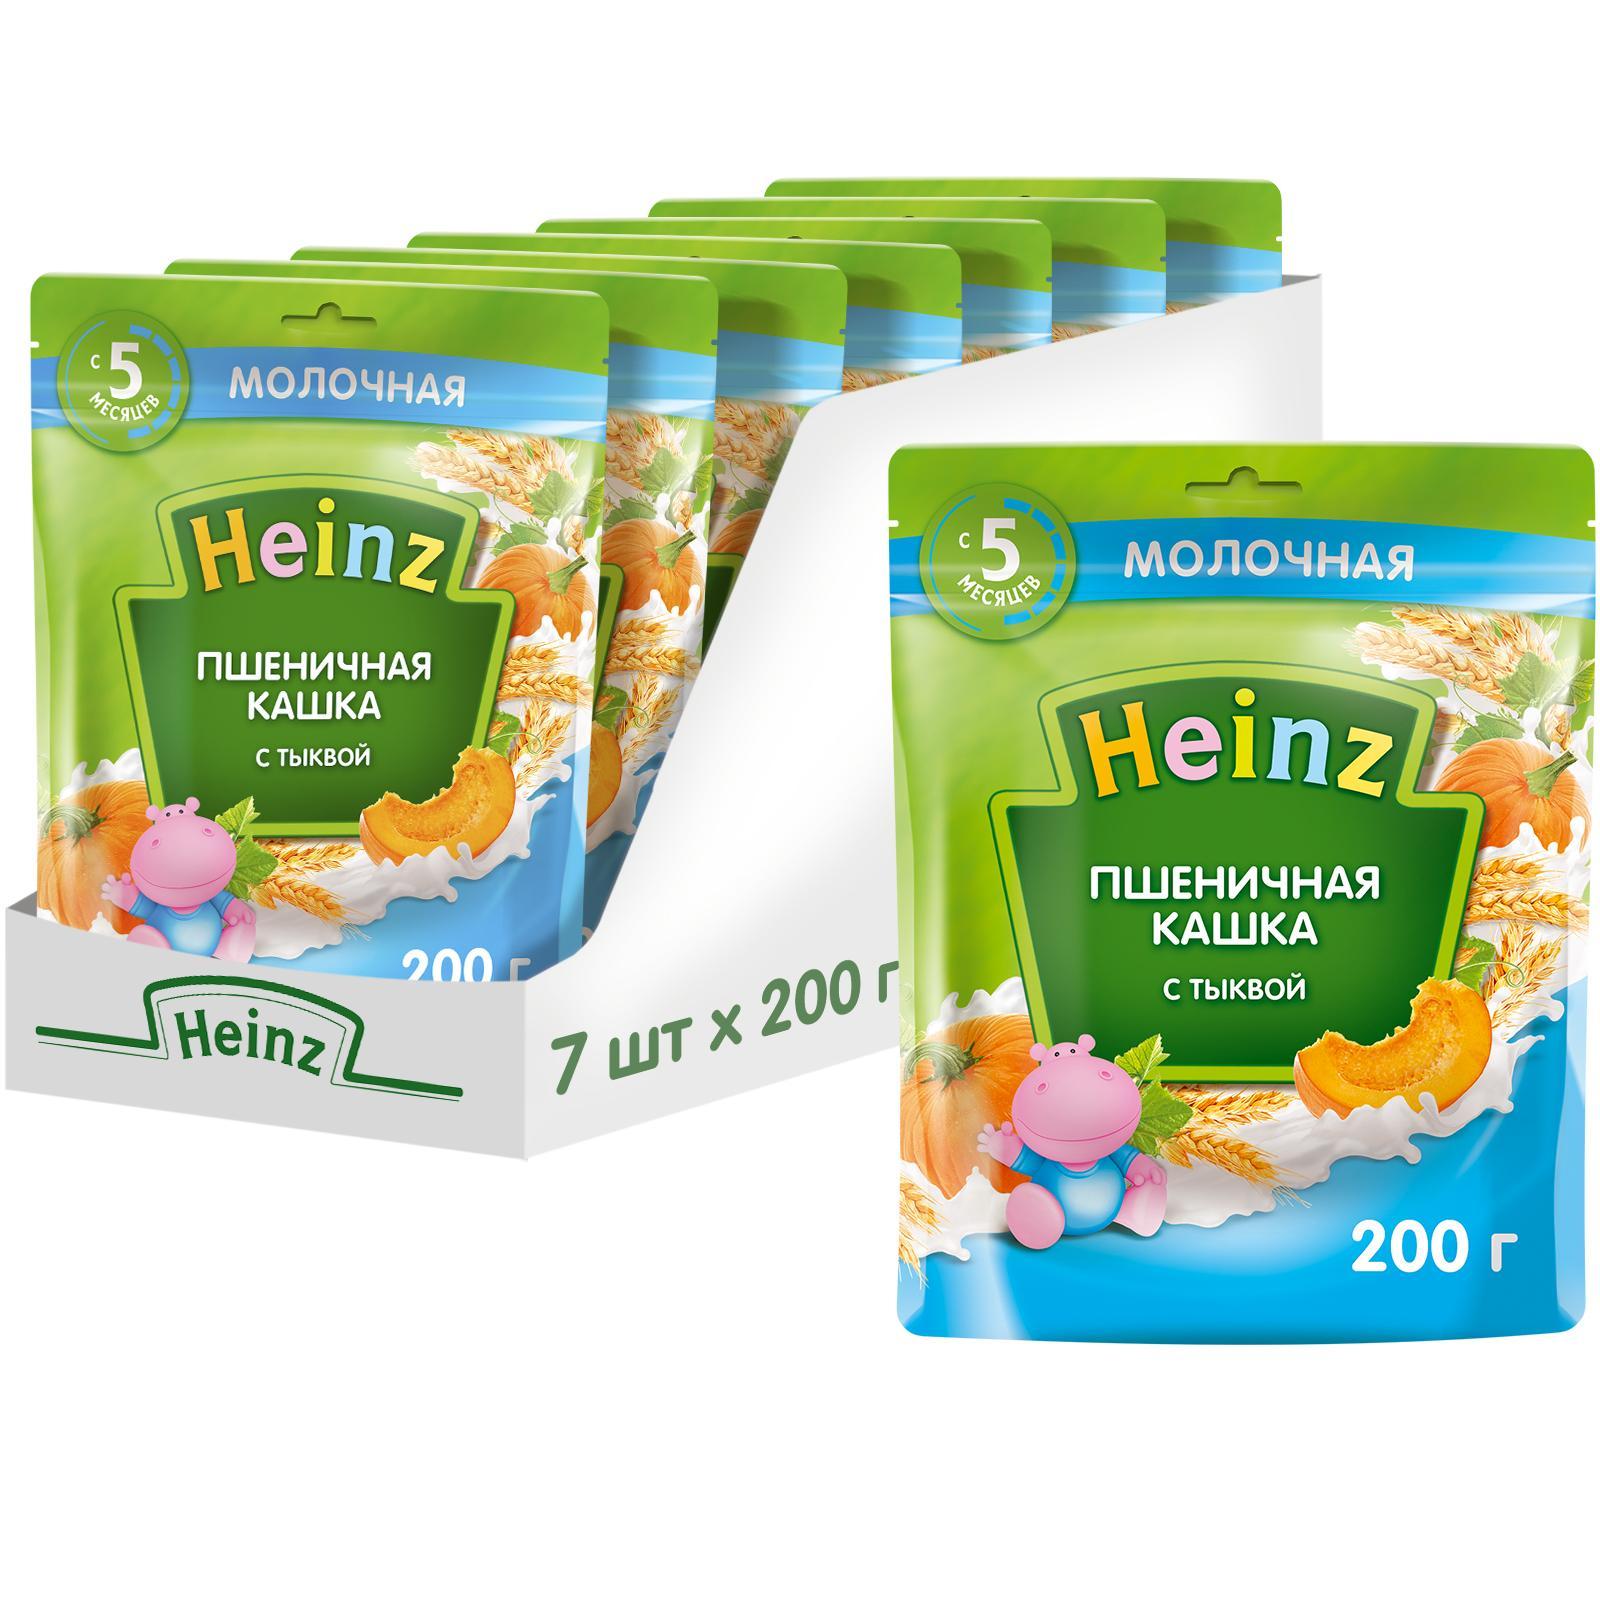 Каша Heinz Молочная пшеничная с тыквой